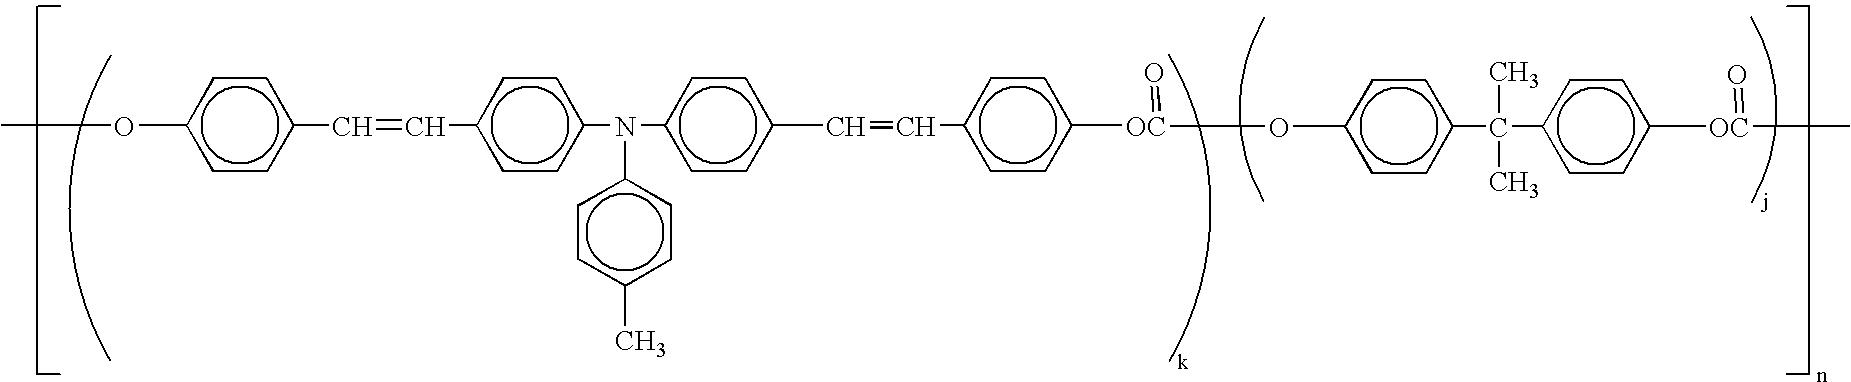 Figure US06939651-20050906-C00044